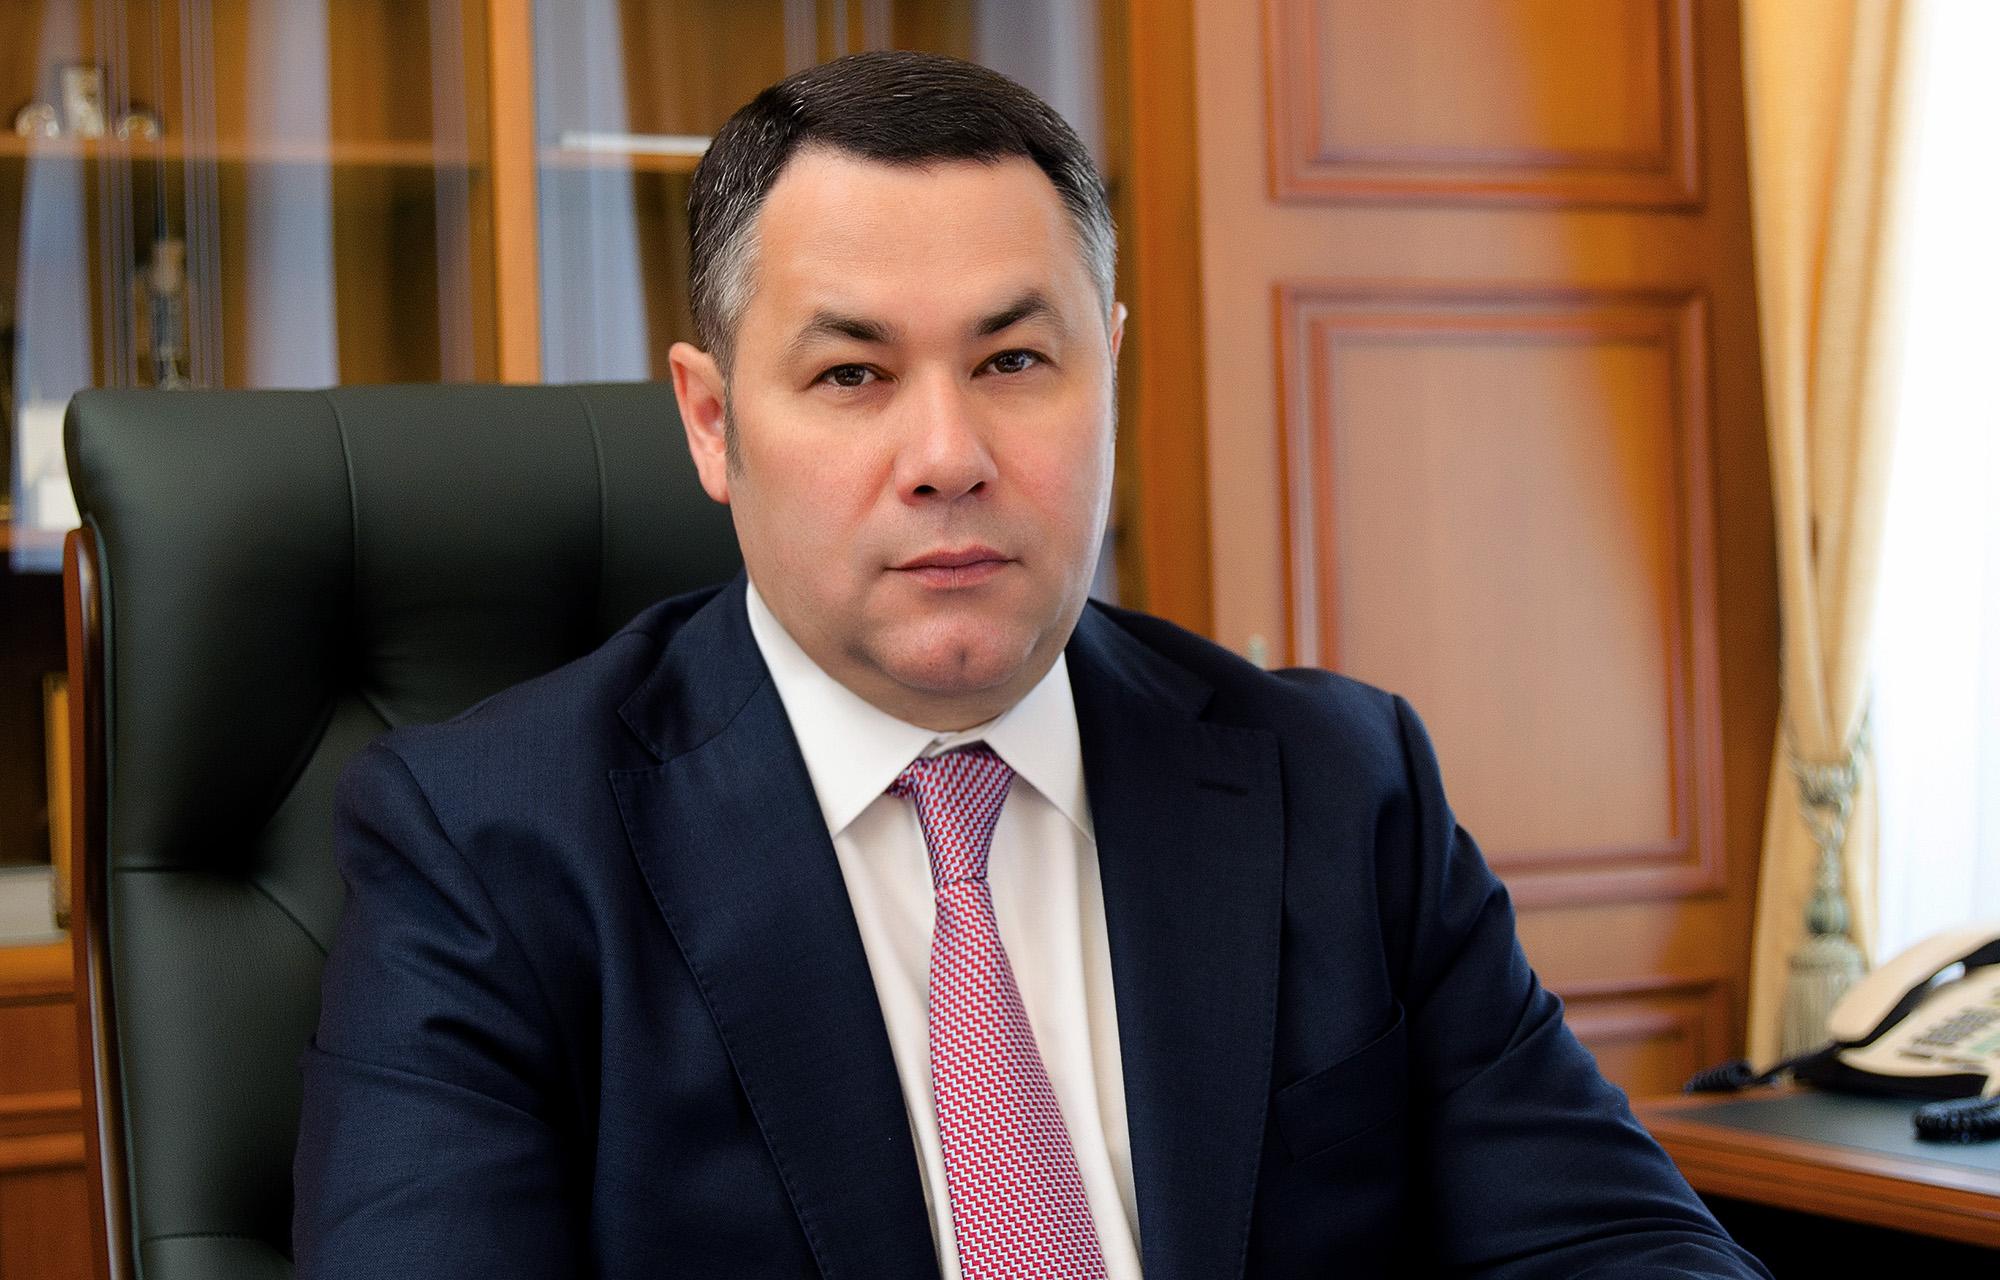 Игорь Руденя вошел в рейтинг «Губернаторская повестка» с поддержкой сельхозпредприятий